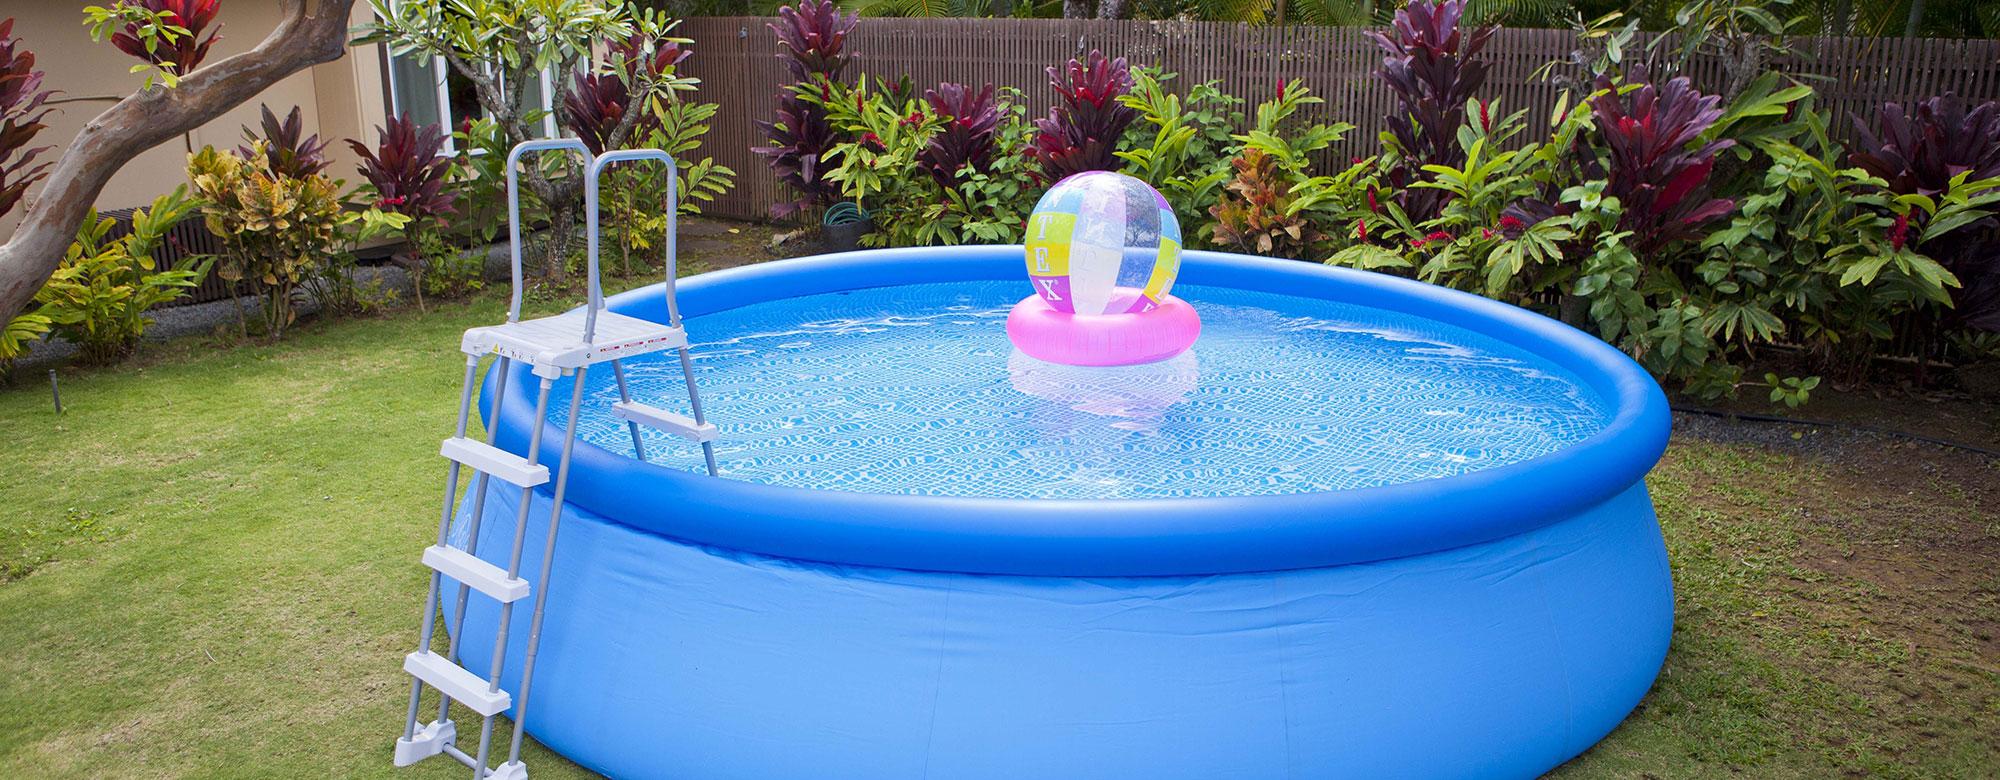 Spa Intex Qui Se Degonfle réparer une valve de gonflage de piscine autostable